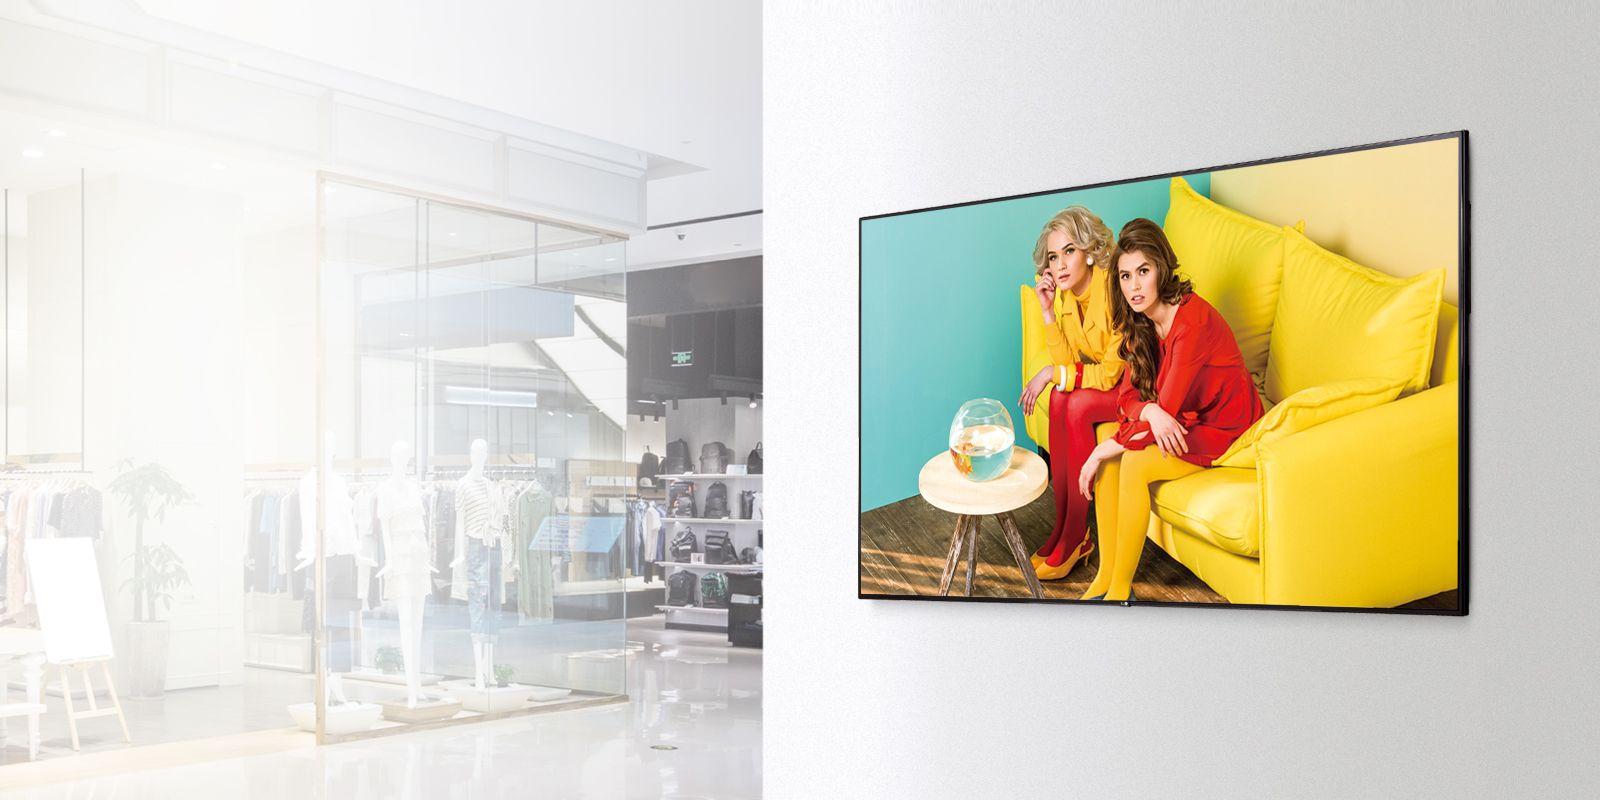 LG Digital Signage in einem Shopping Centre mit 60s-Style-Werbung